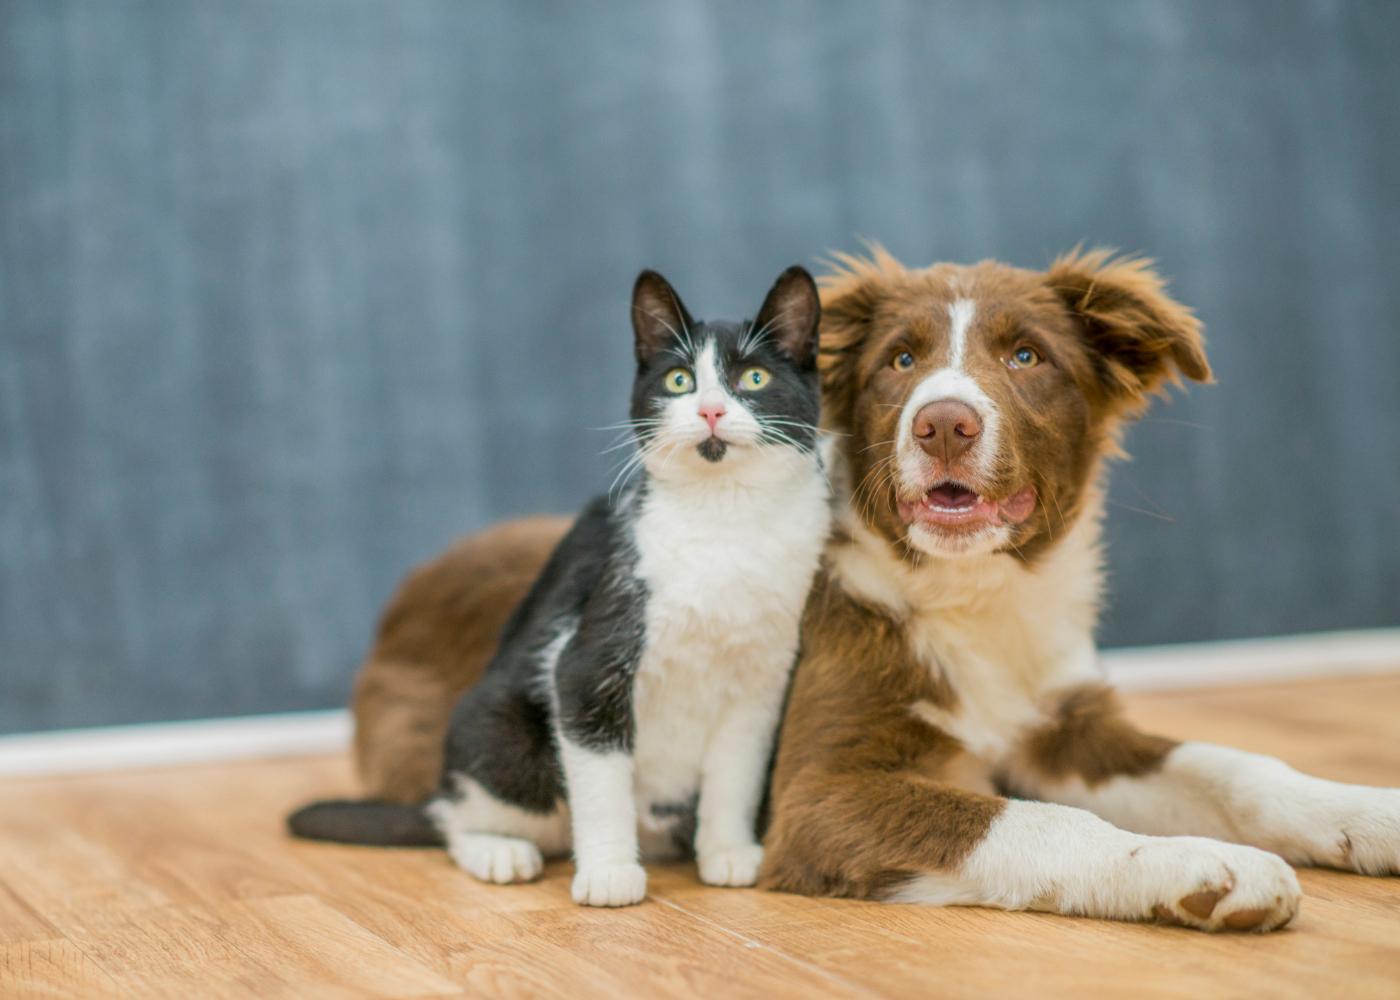 transicao da racao de caes e gatos